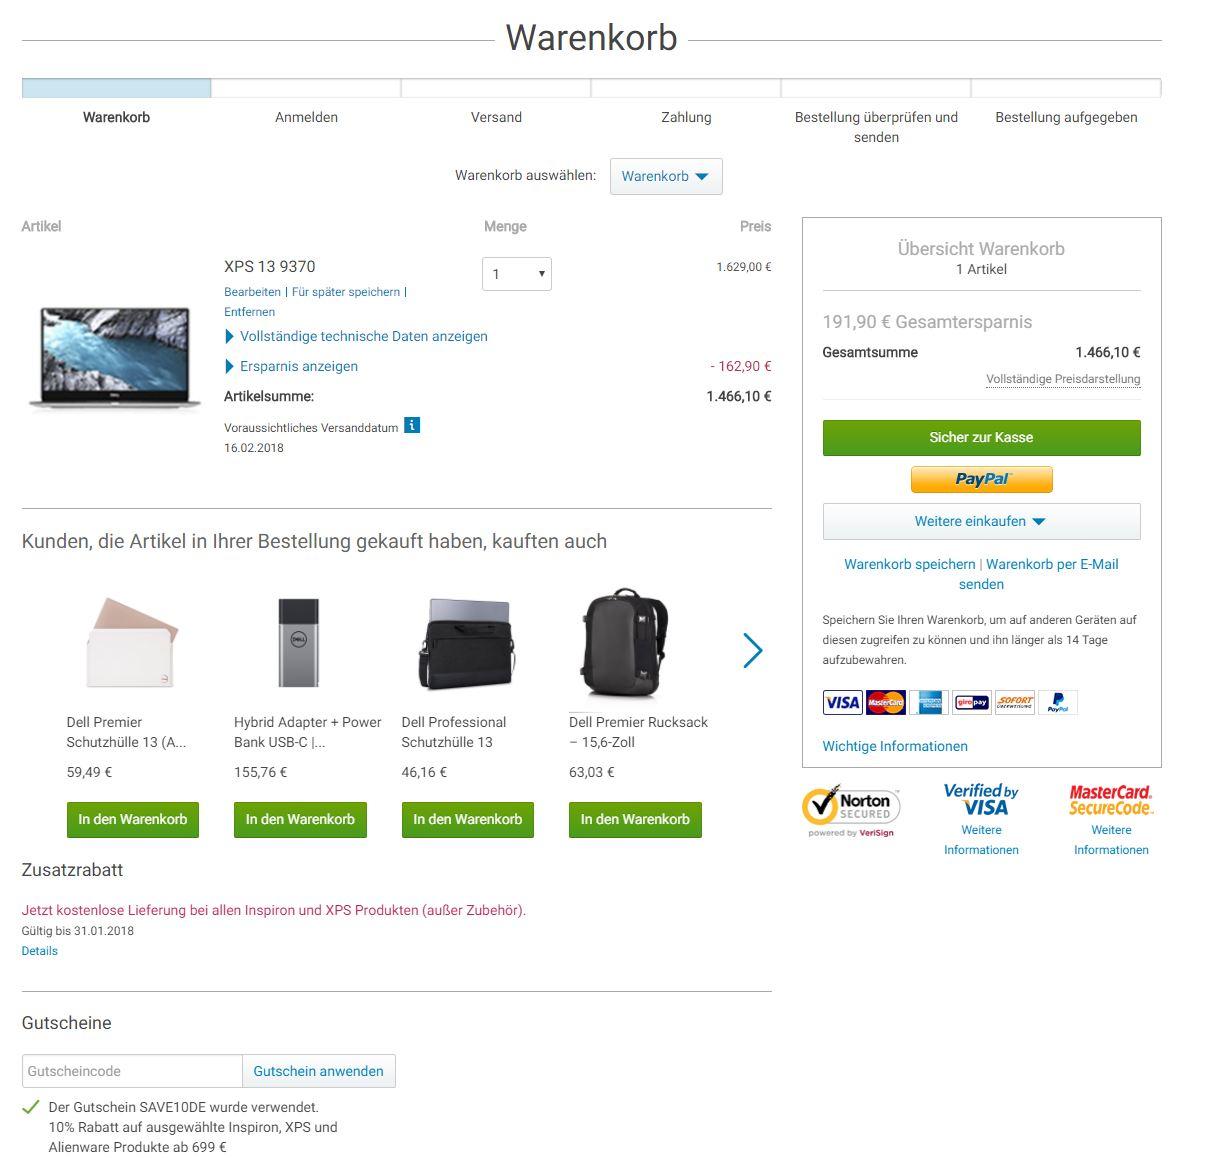 10% Rabatt auf das neue Dell XPS13 2018 und kostenloser Versand